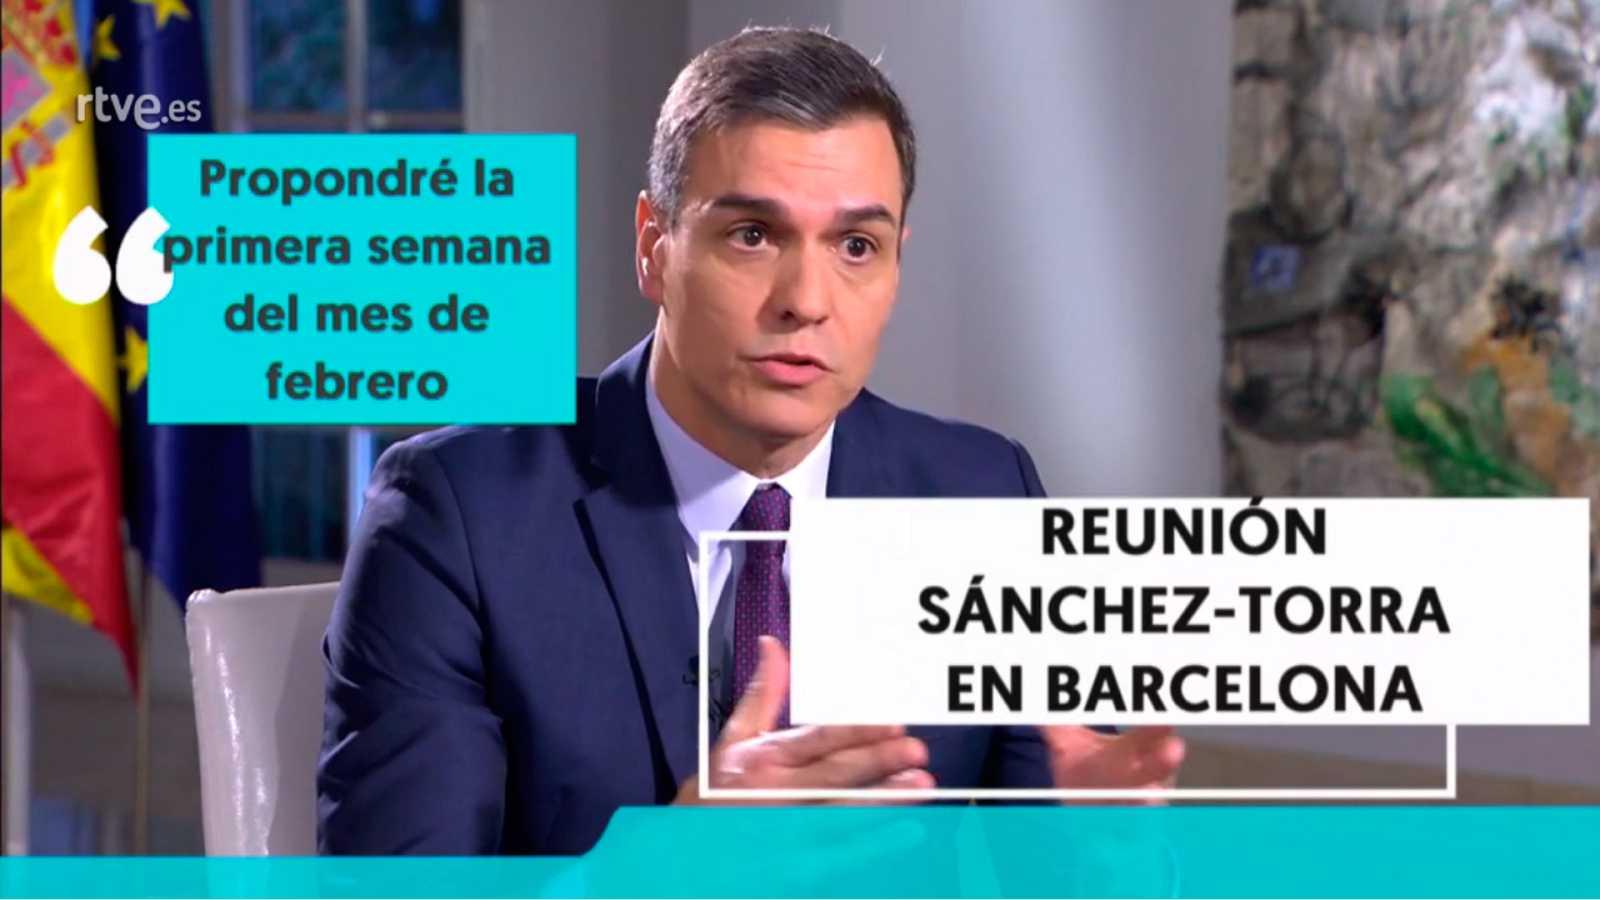 Cinco titulares de la entrevista a Pedro Sánchez en RTVE